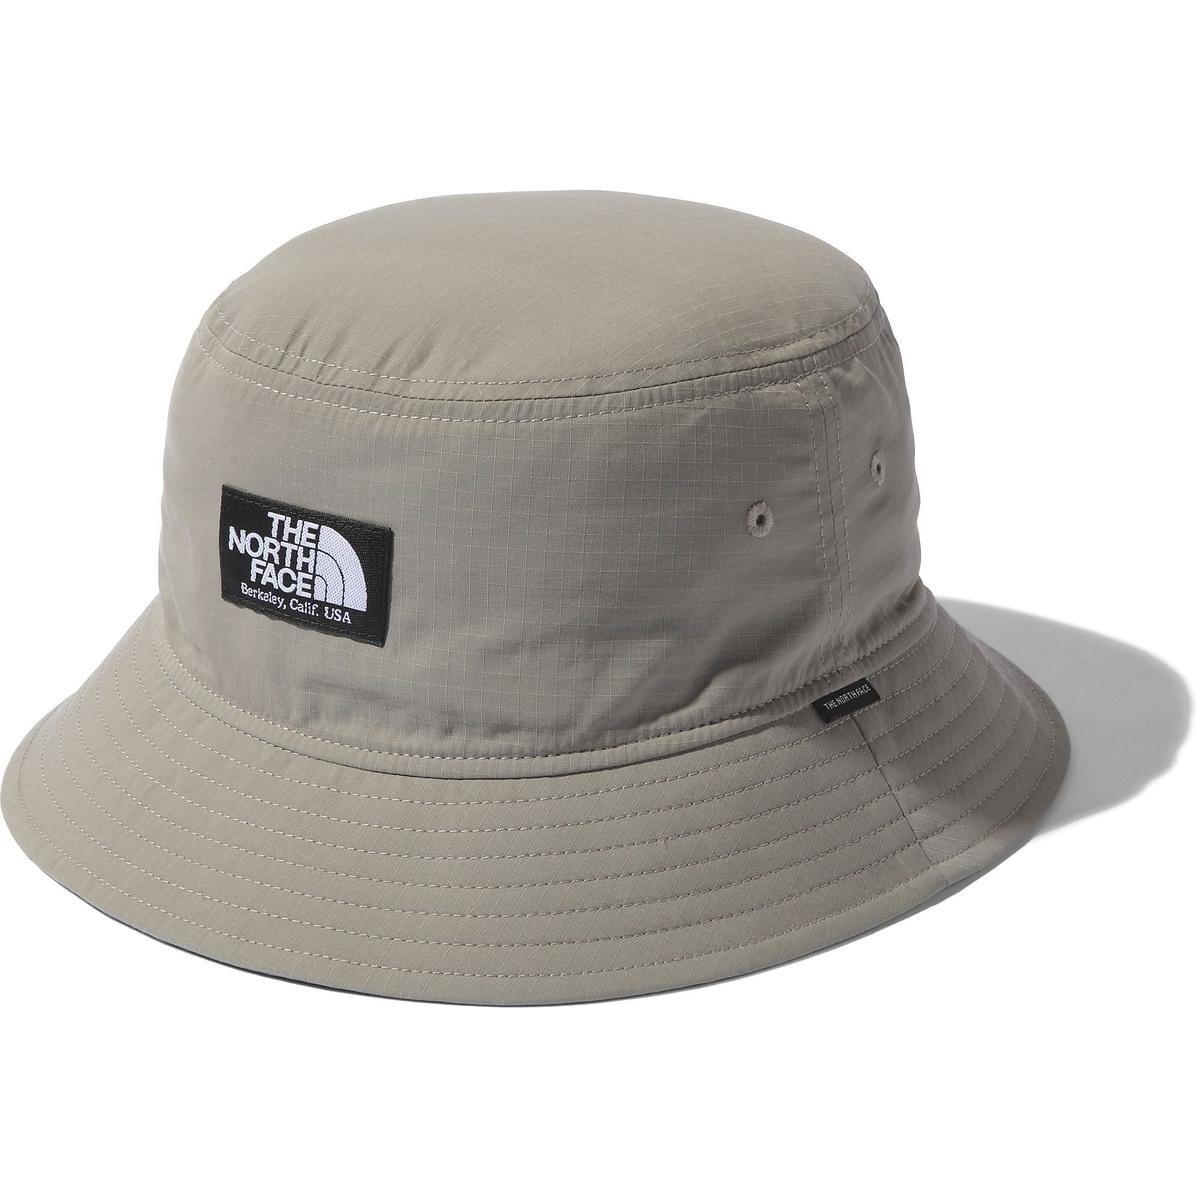 <title>ノースフェイス トレッキング 信憑 アウトドア 帽子 メンズ キャップ Camp Side Hat キャンプサイドハット THE NORTH FACE MN NN41906</title>